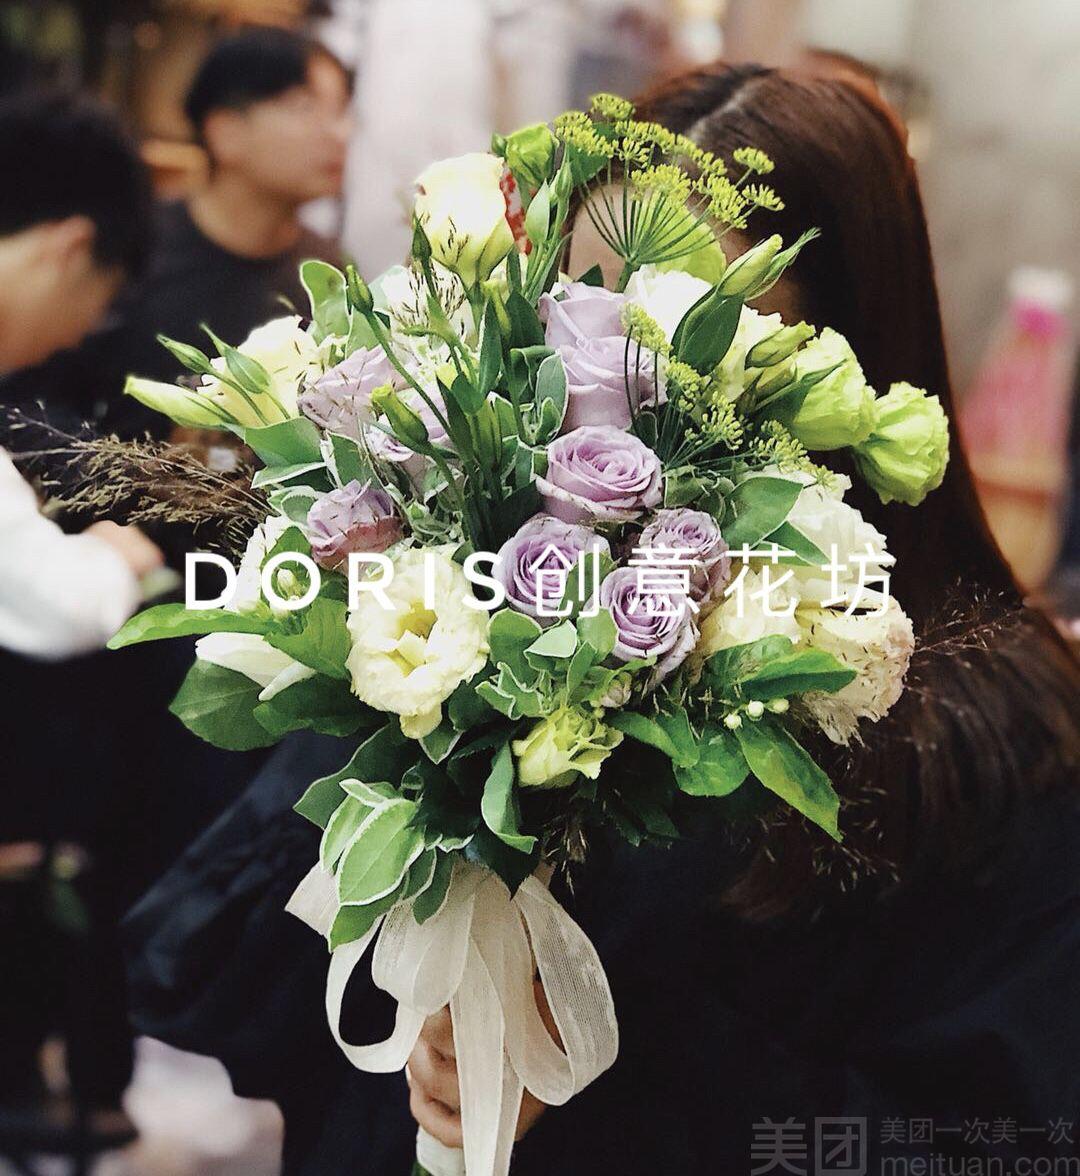 doris创意花店花坊图片